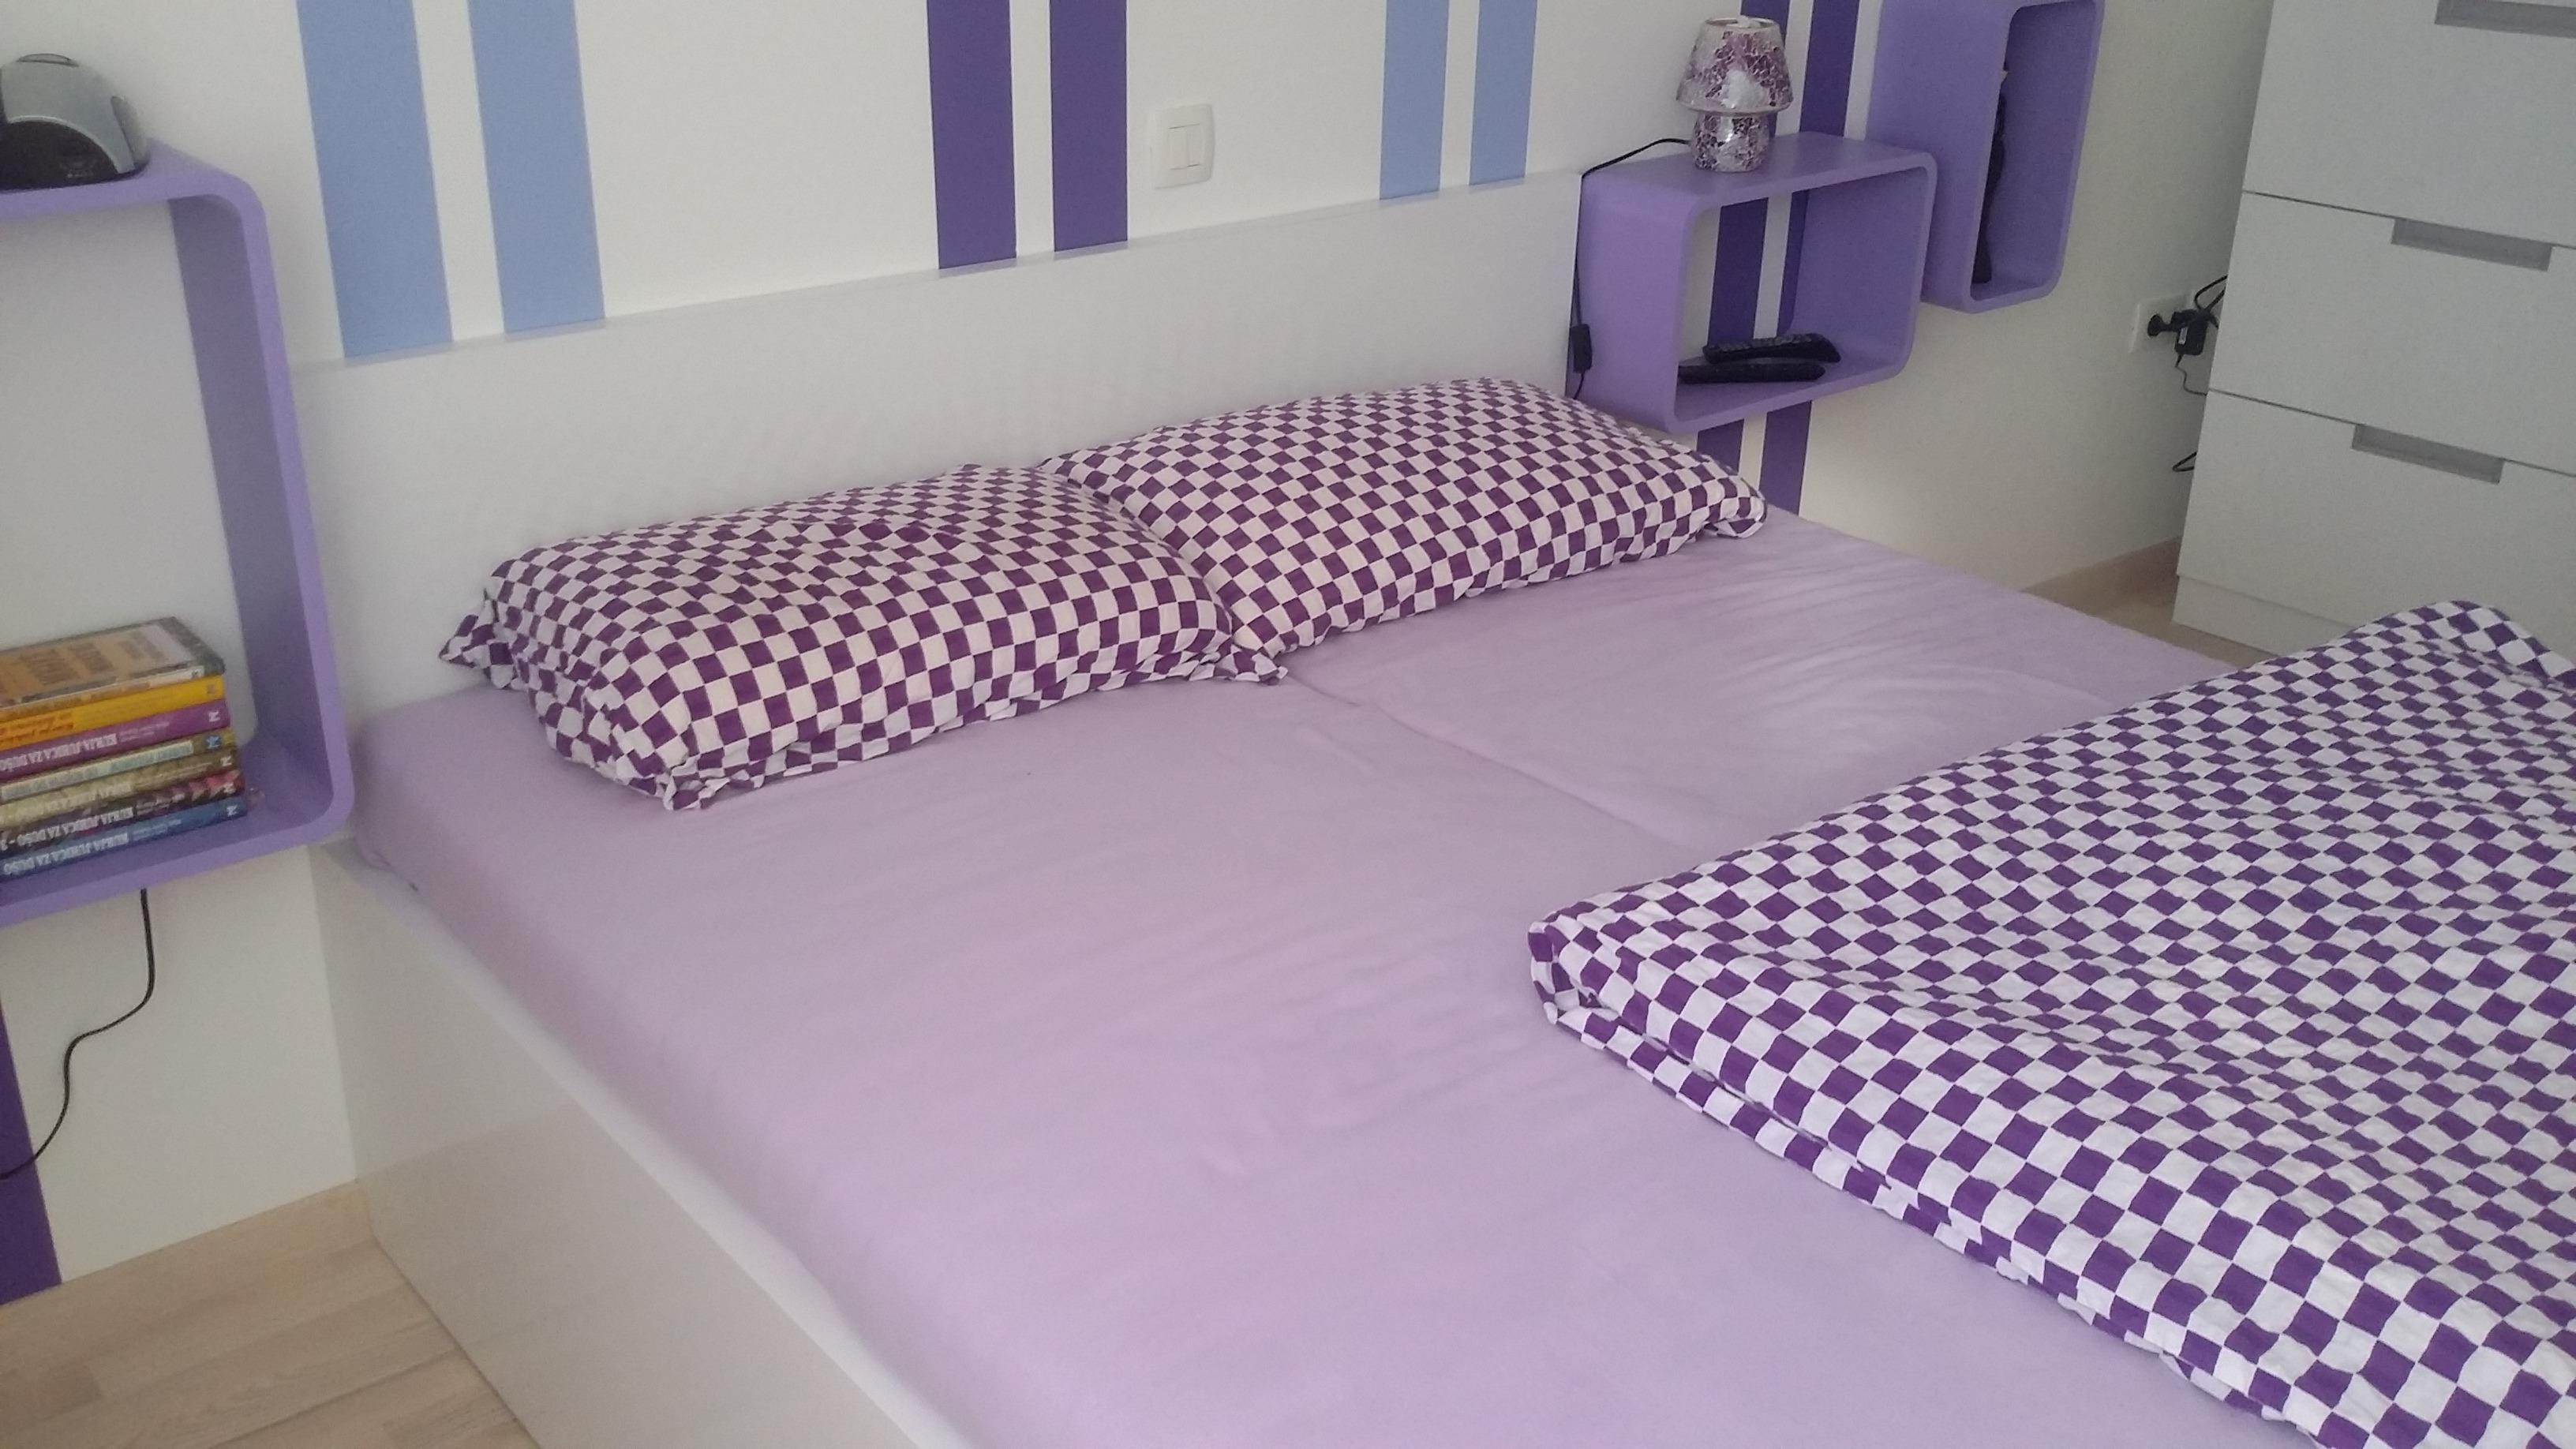 V zavetju spalnice 2